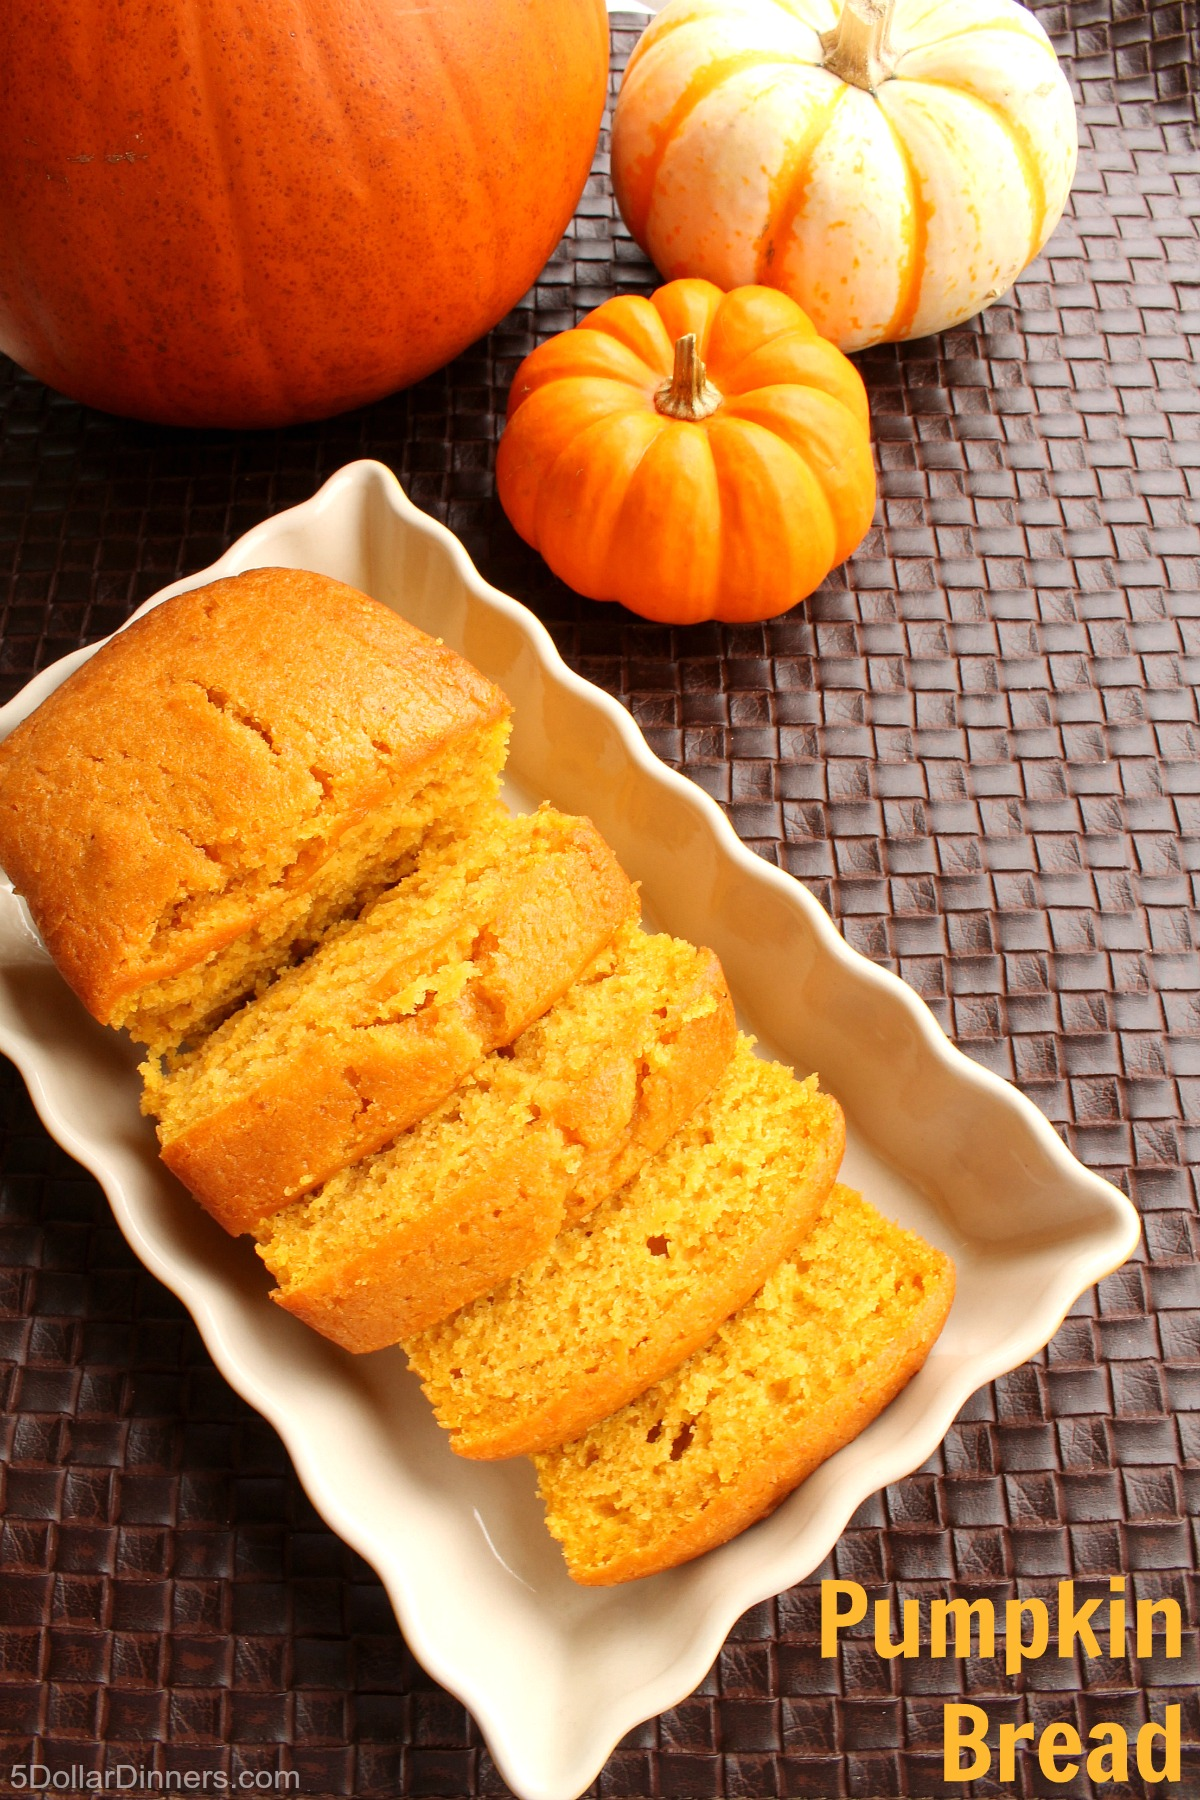 Homemade Pumpkin Bread from 5DollarDinners.com